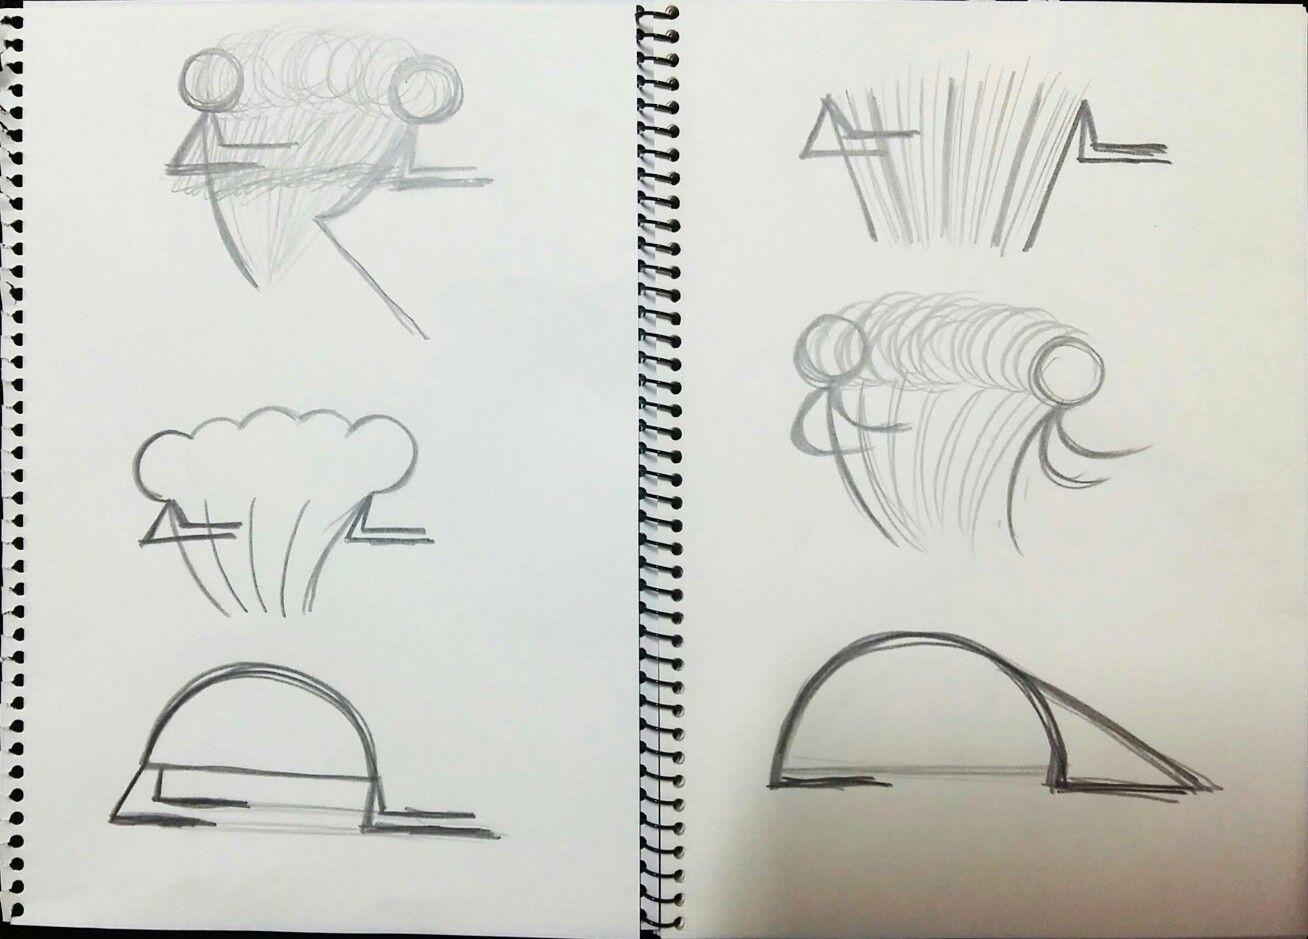 친구의 단순한 움직임을 잔상으로도 표현해보고 직선, 곡선 등을 사용하기도하며 기하학적인 선의 형태로도 나타내보았습니다. (연필)